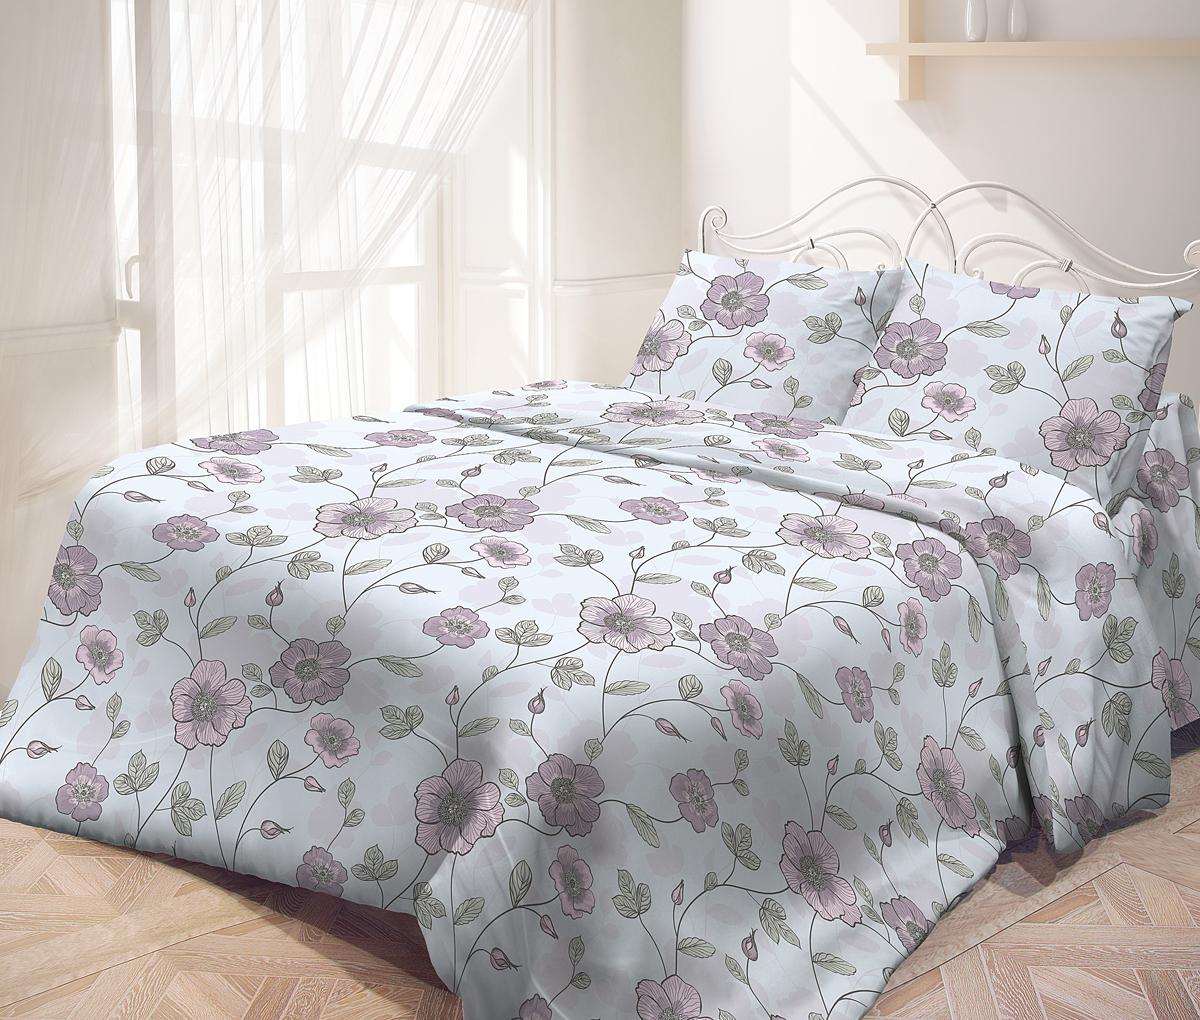 Комплект белья Самойловский текстиль Июнь, 1,5-спальный, наволочки 50х70 комплекты белья